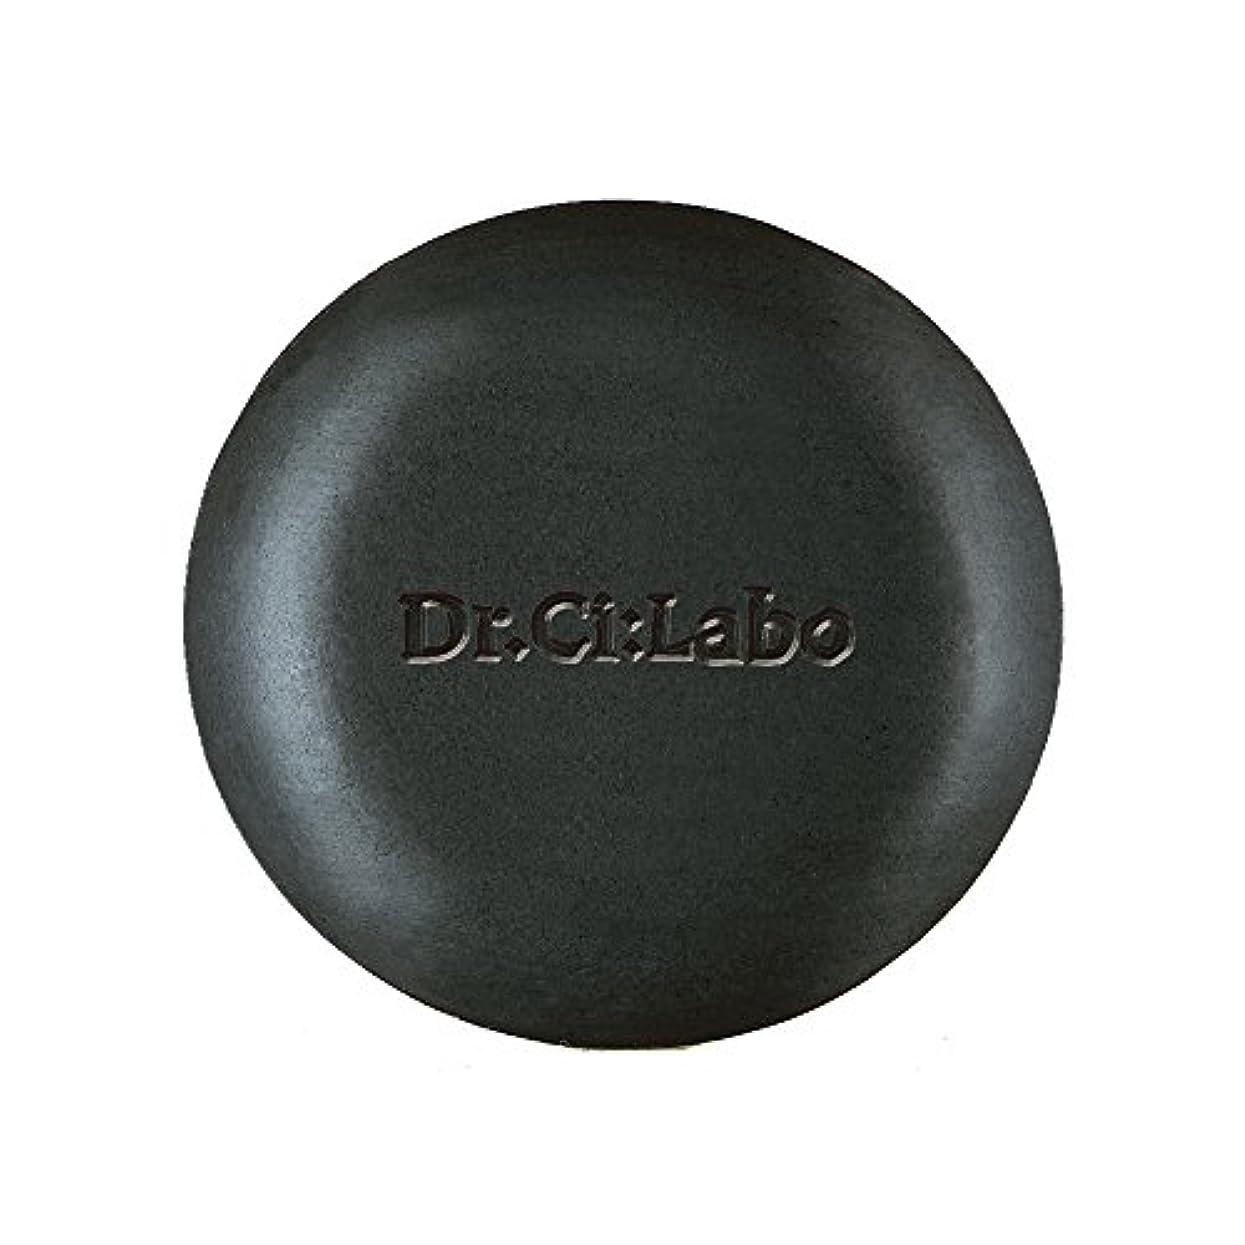 輝度わかりやすい発信ドクターシーラボ 薬用アクネレスソープ ニキビ予防用 100g 洗顔せっけん [医薬部外品]